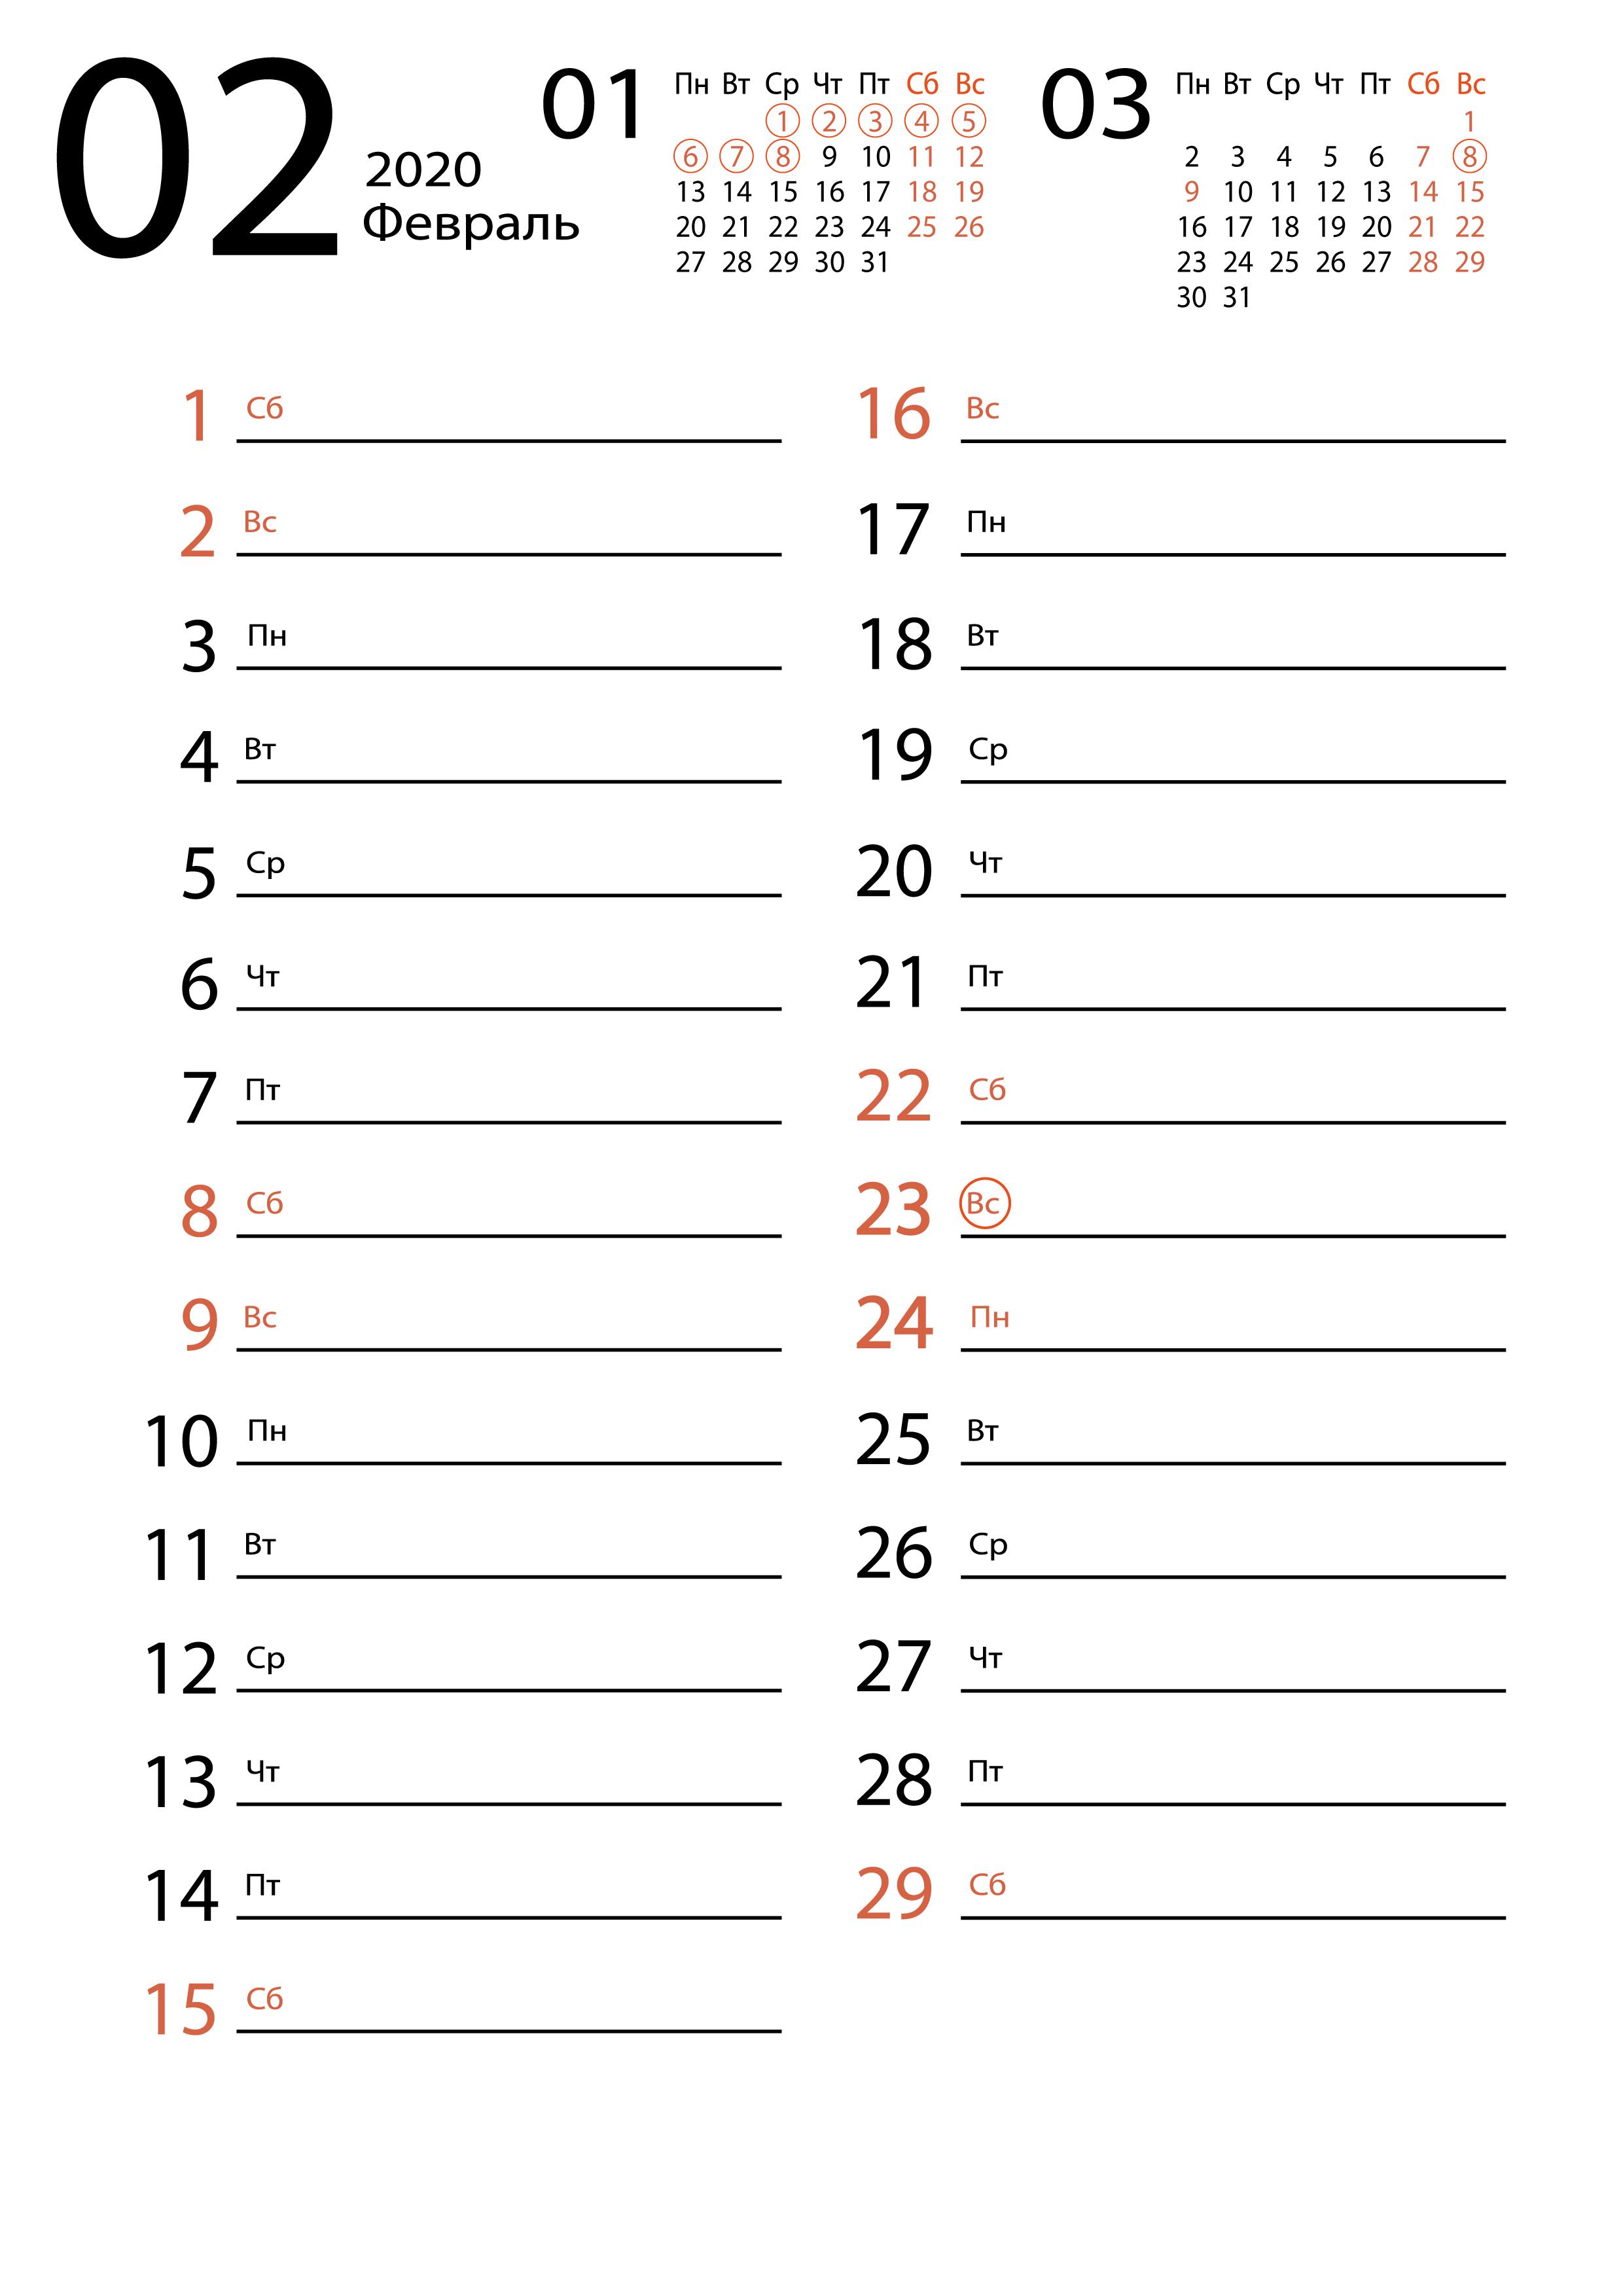 Февраль 2020 - Календарь для заметок